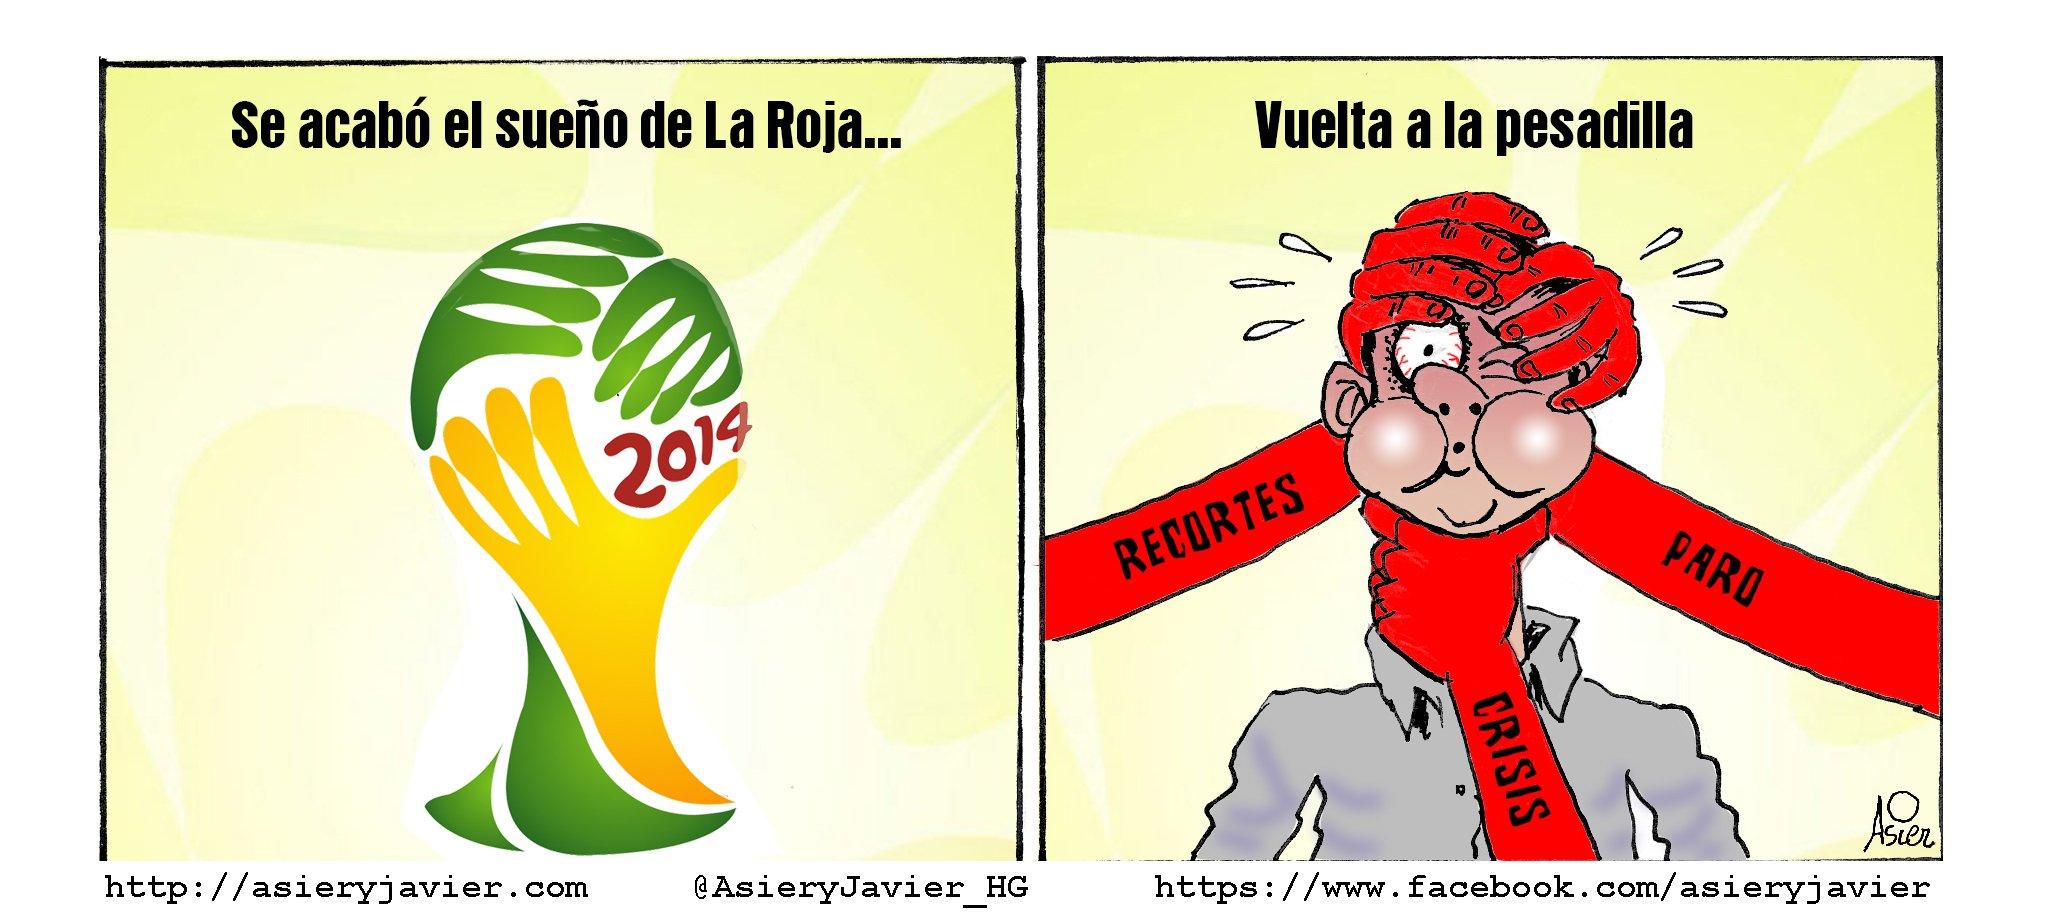 Se acabó el sueño del Mundial de Fútbol para España, vuelve la pesadilla cotidiana.